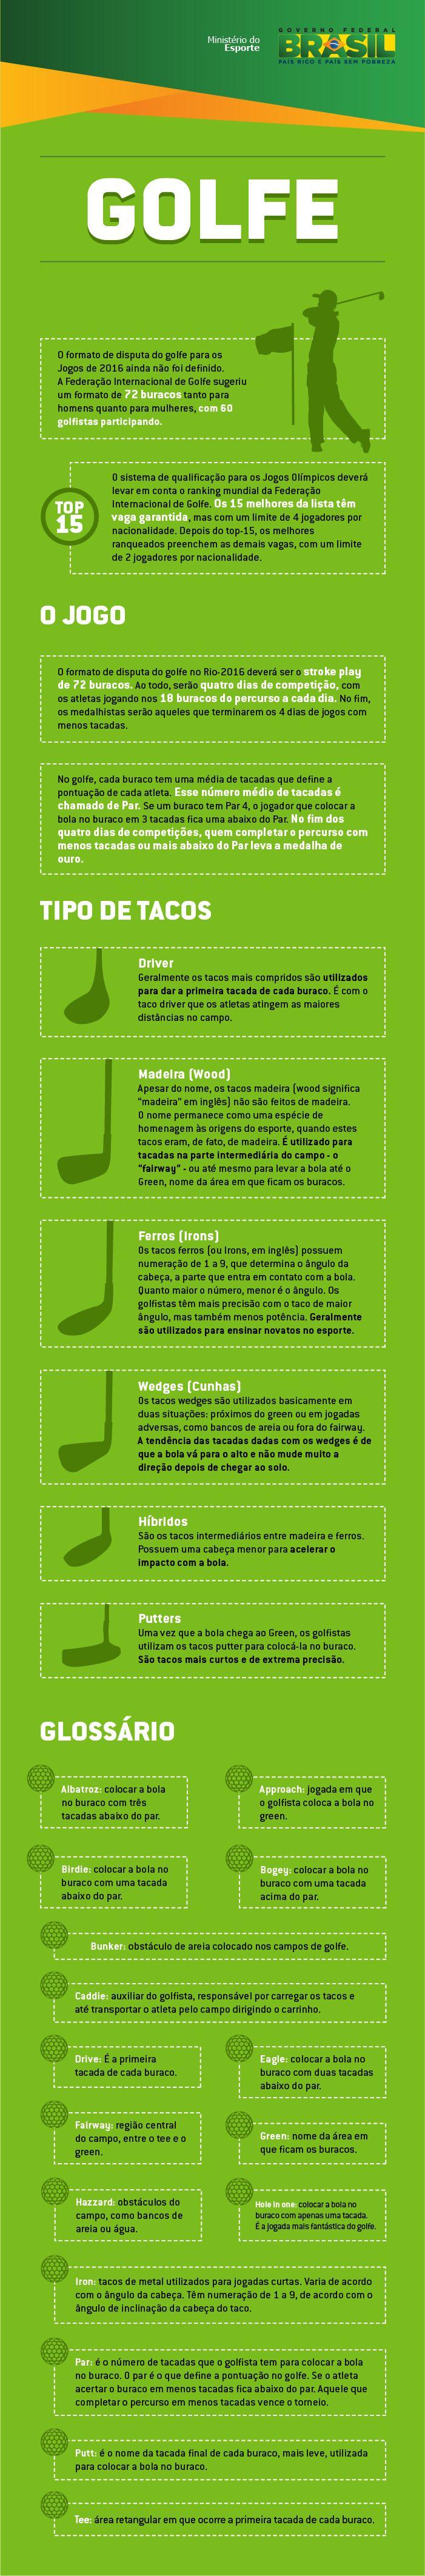 Golfe — Portal Brasil 2016